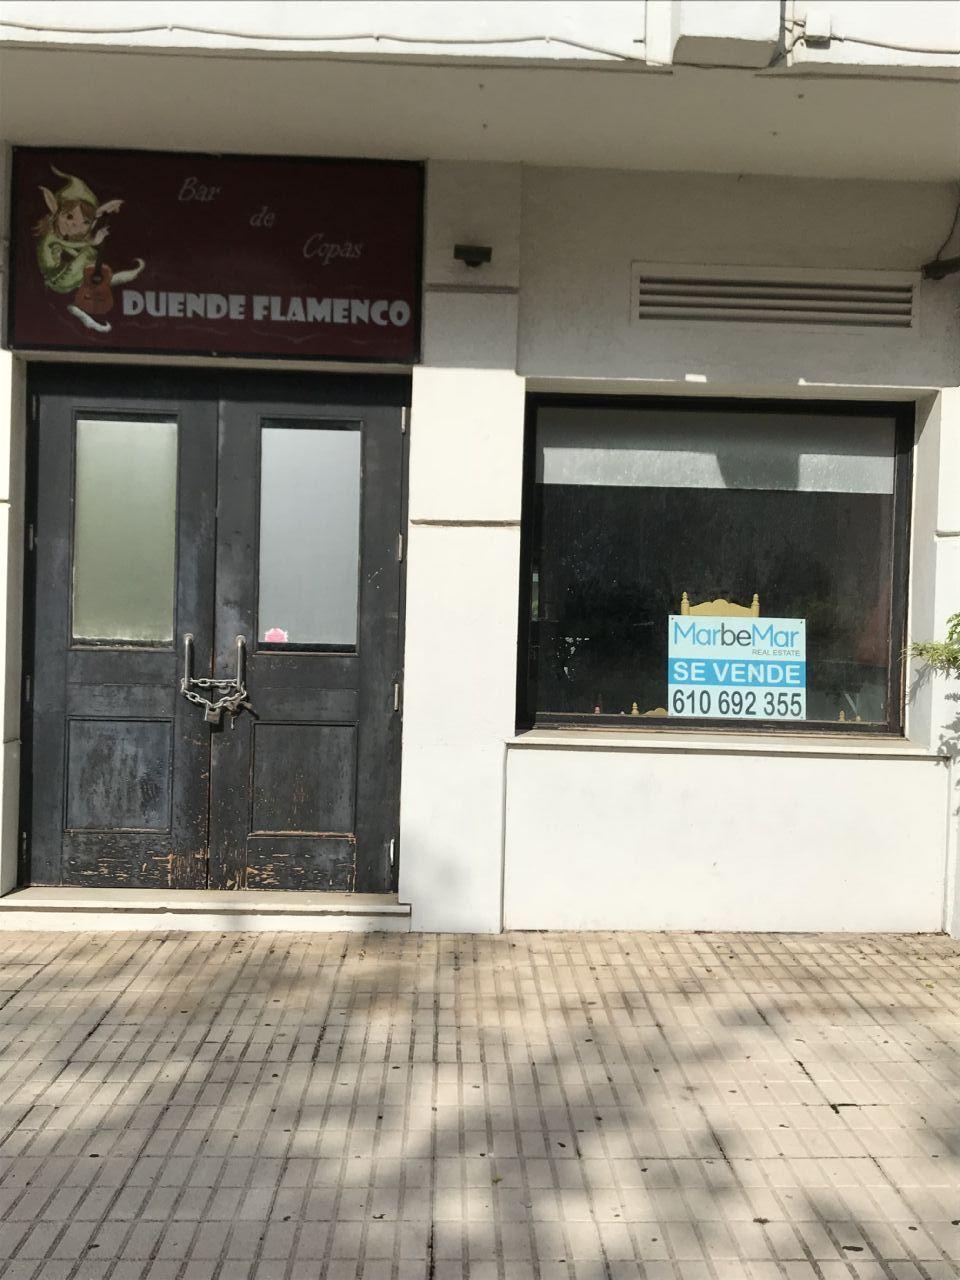 Local comercial en Marbella, venta